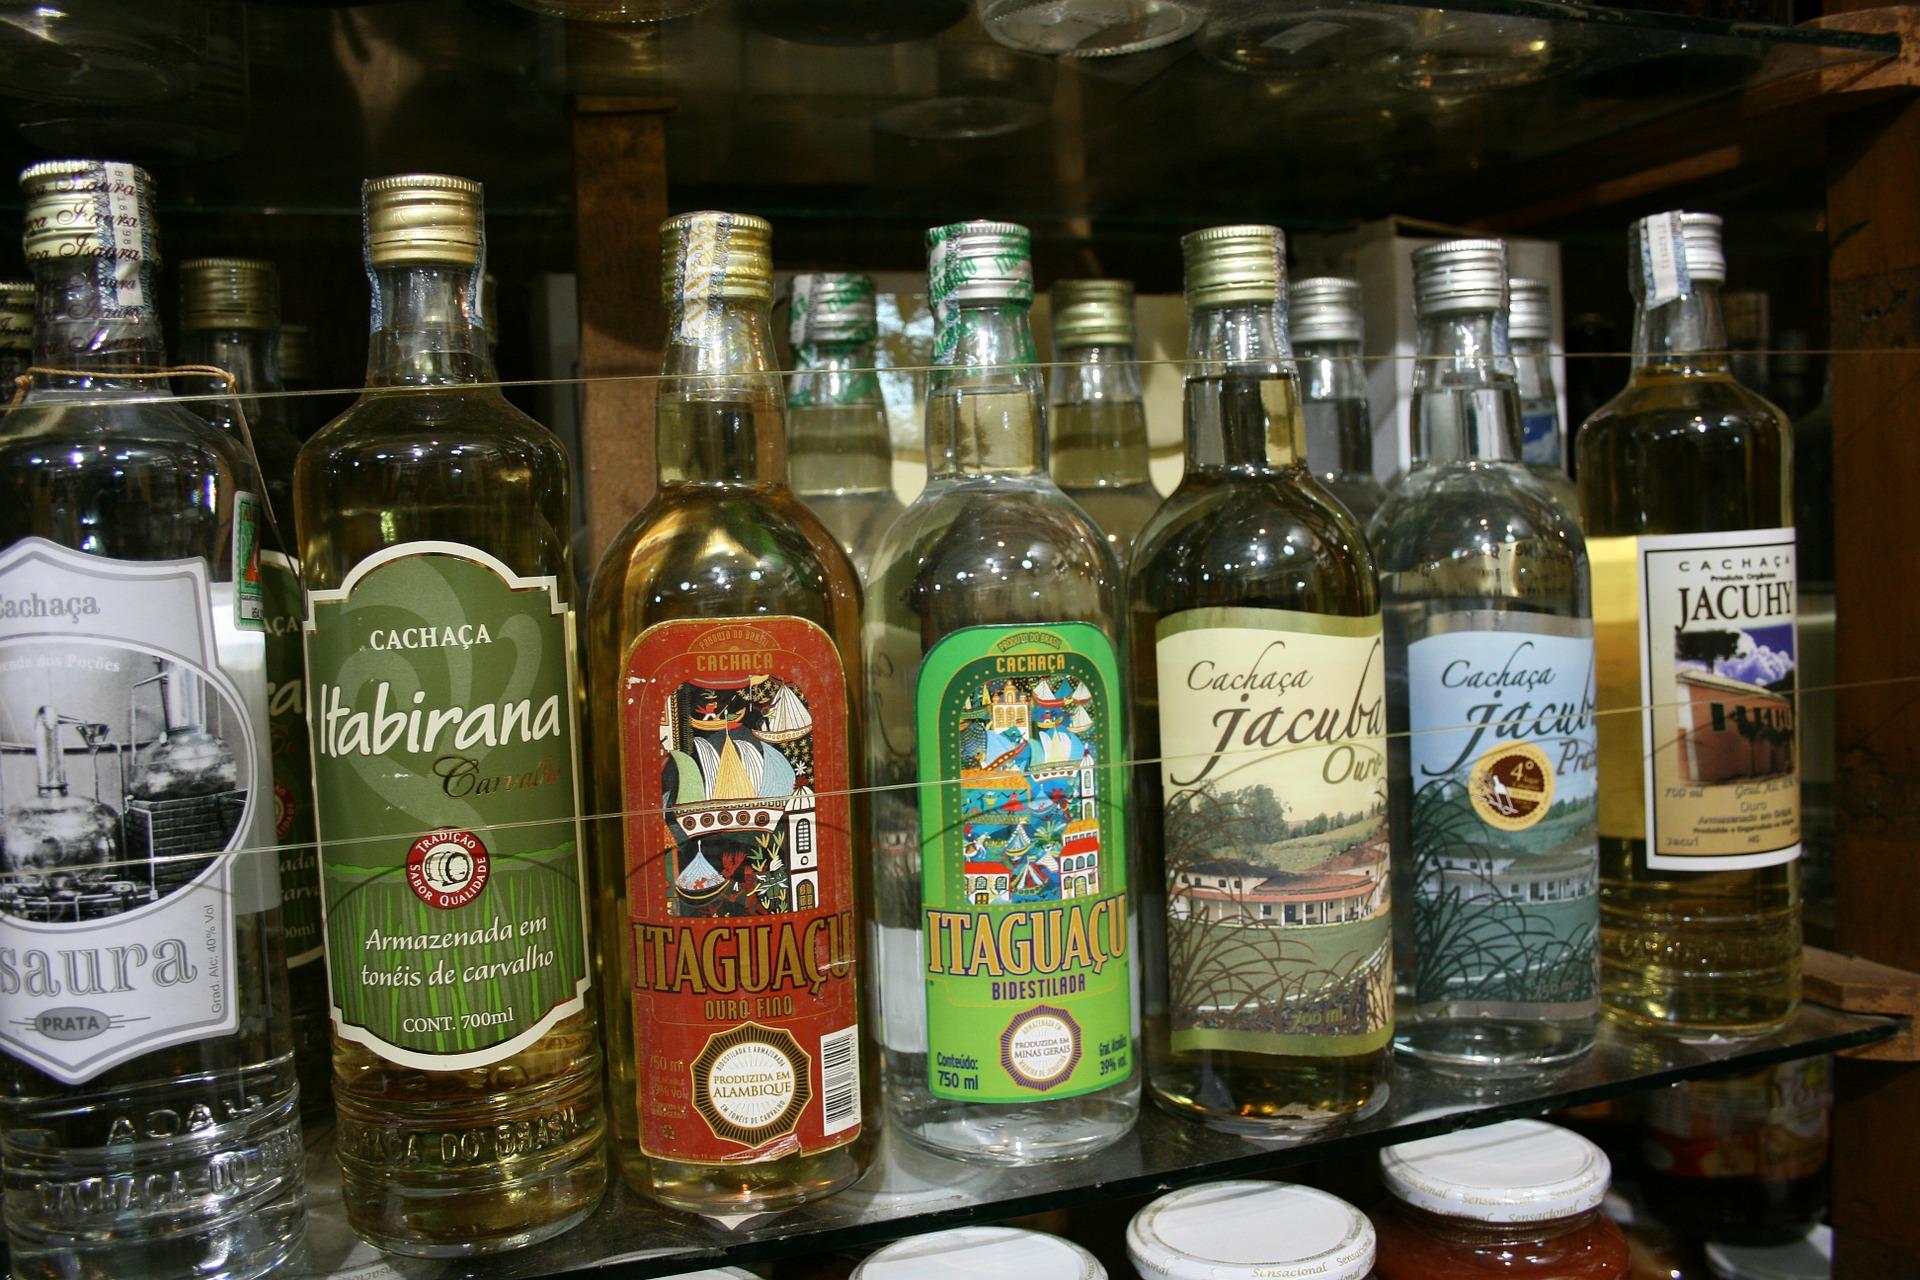 Verschiedene Cachacas an der Bar.